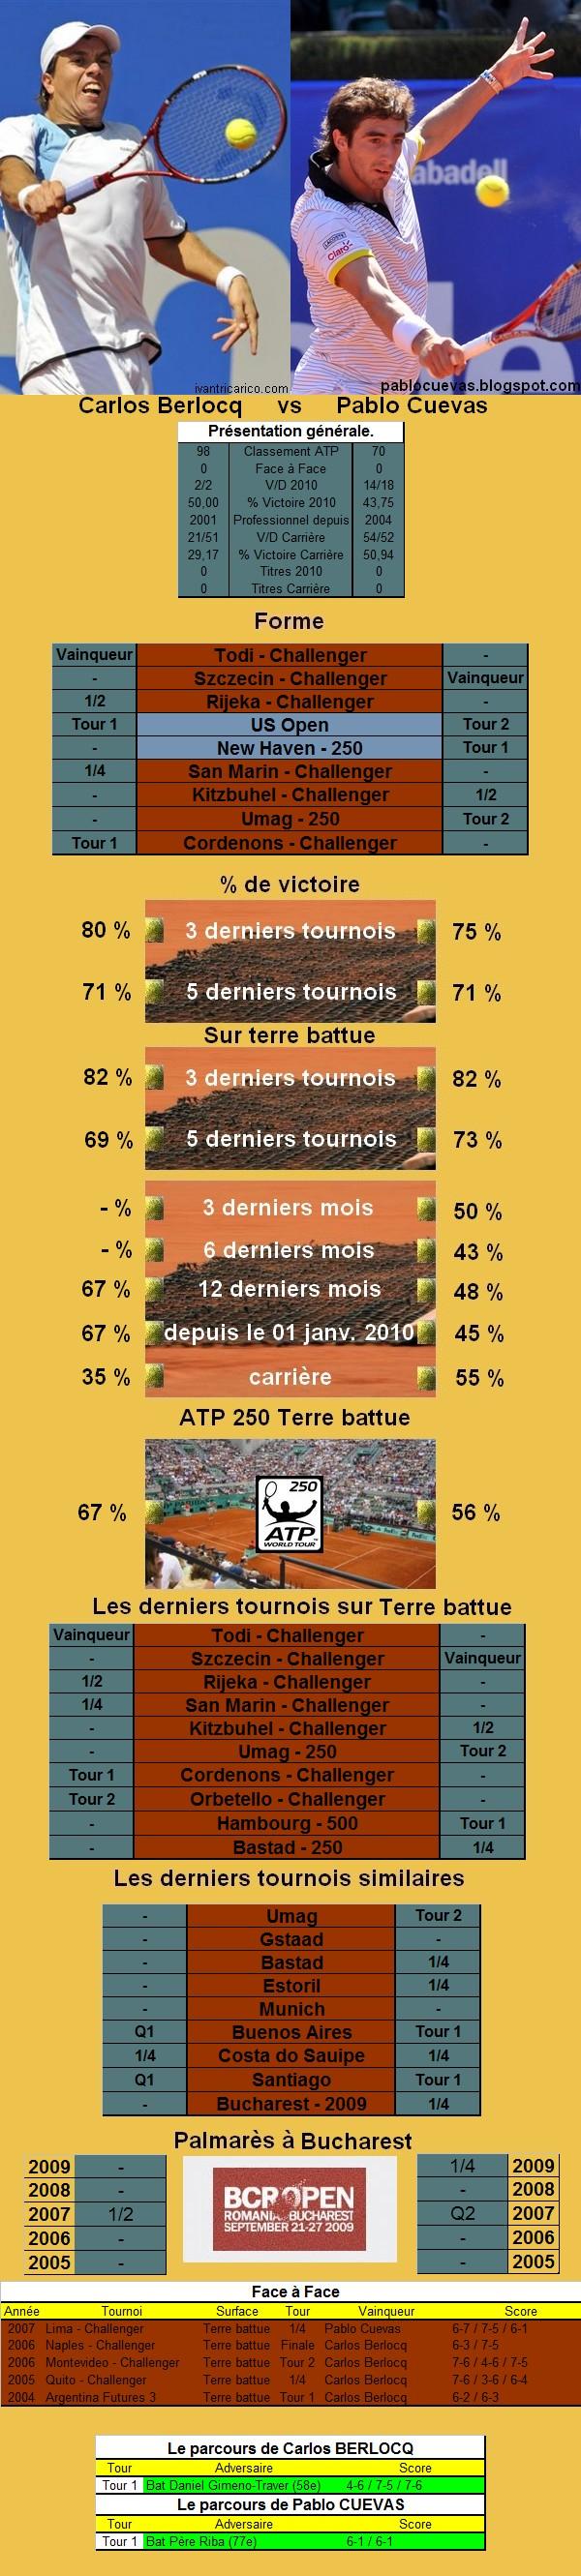 Statistiques tennis de Berlocq contre Cuevas à Bucarest